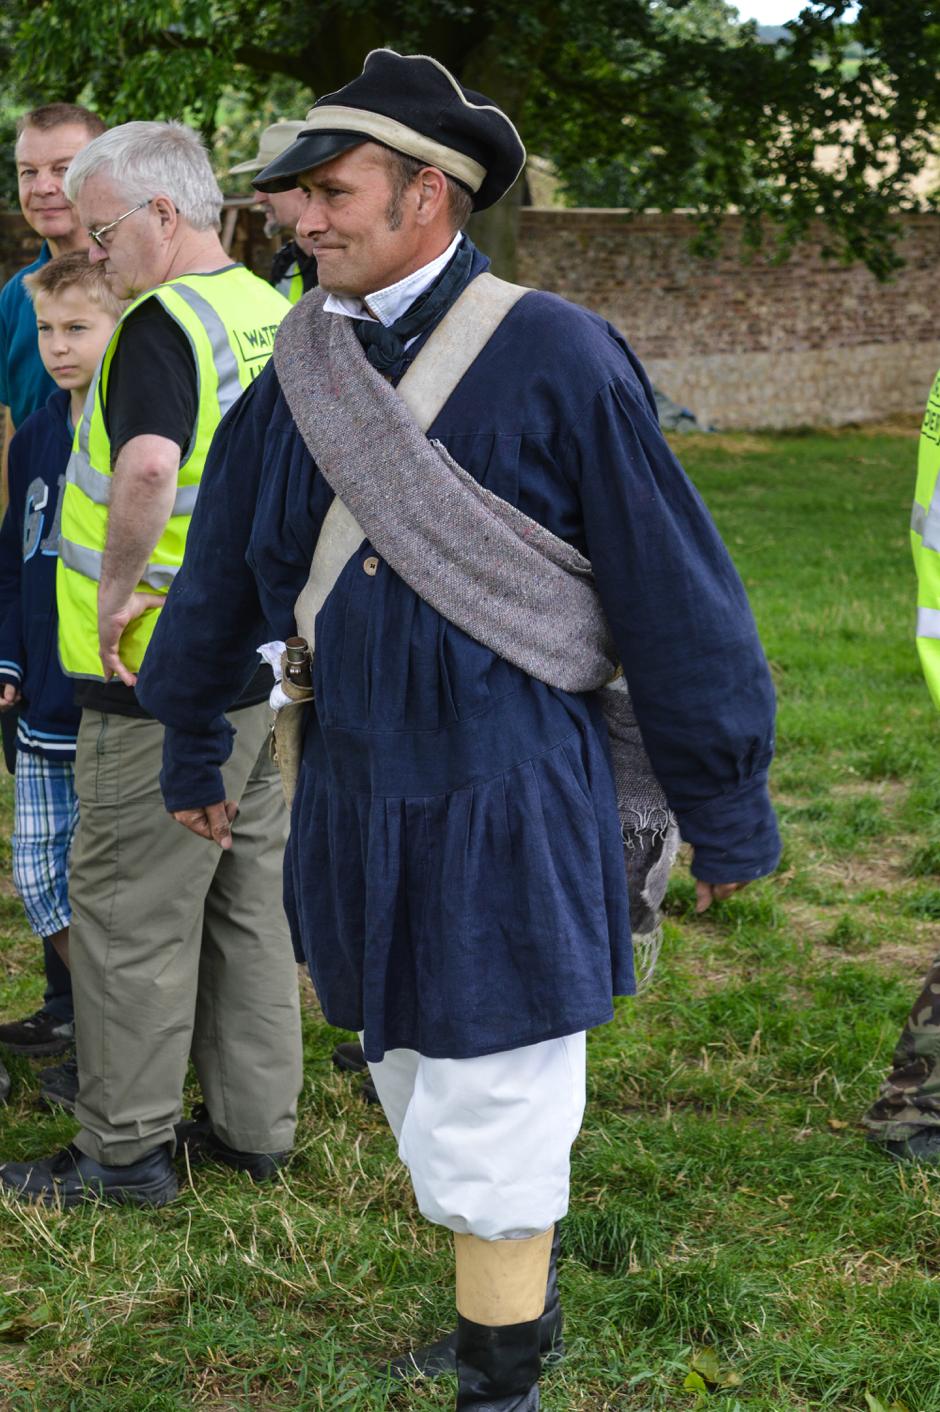 A reenactor in Prussian Uniform